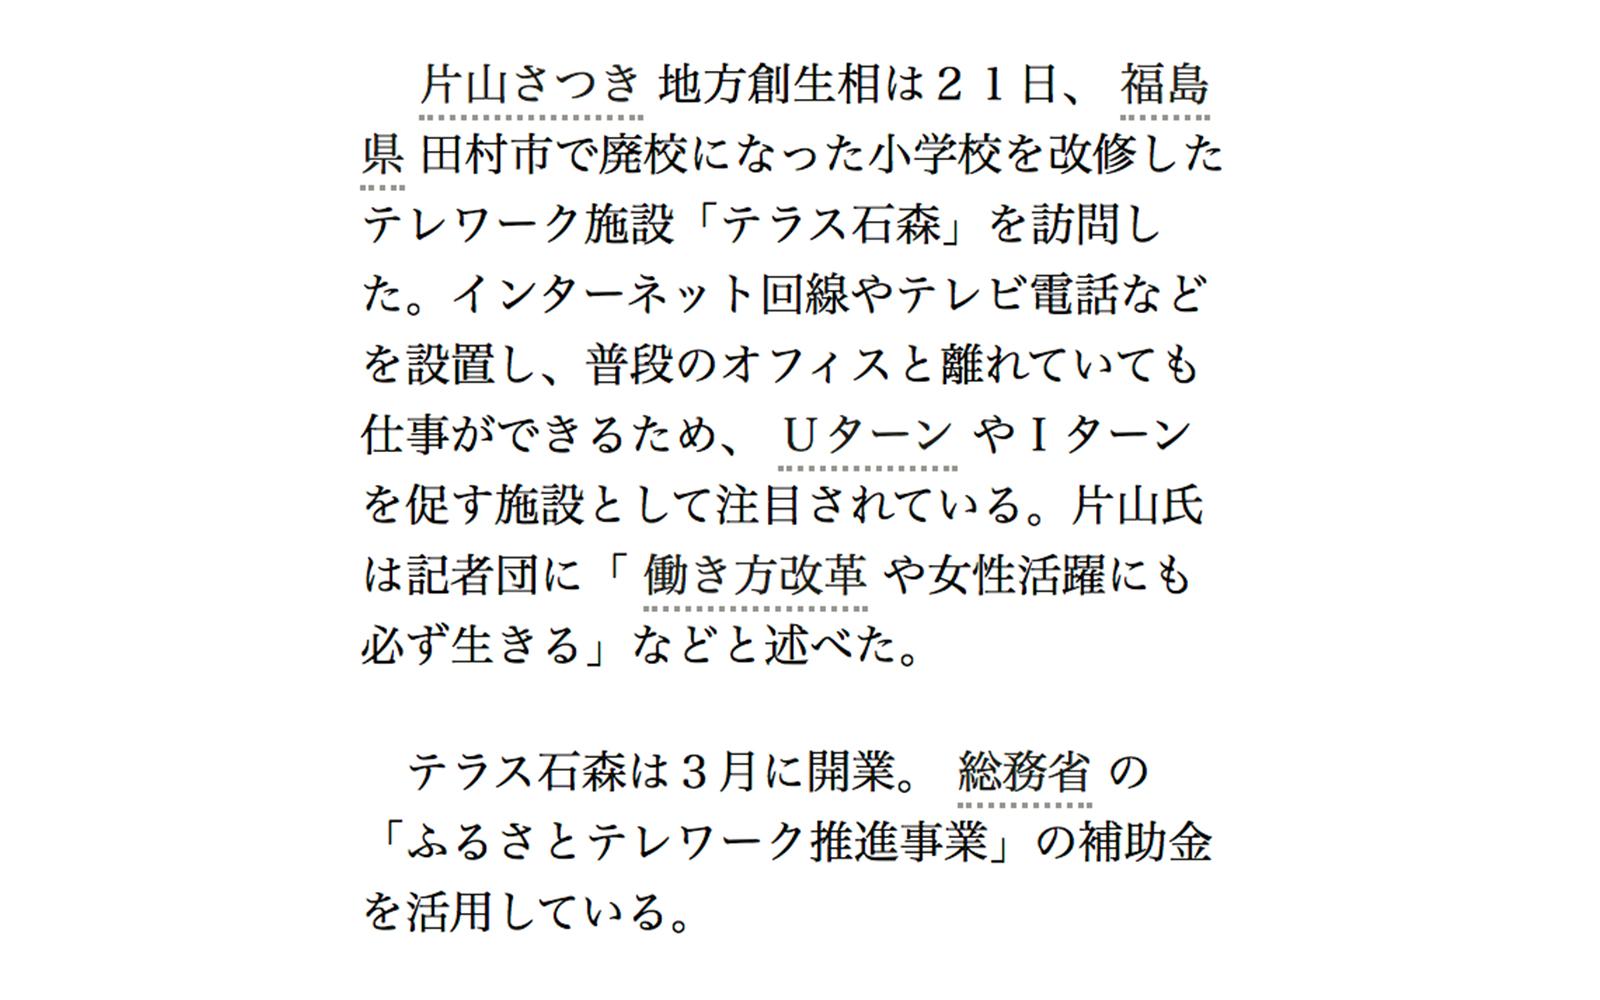 朝日新聞_大臣訪問記事